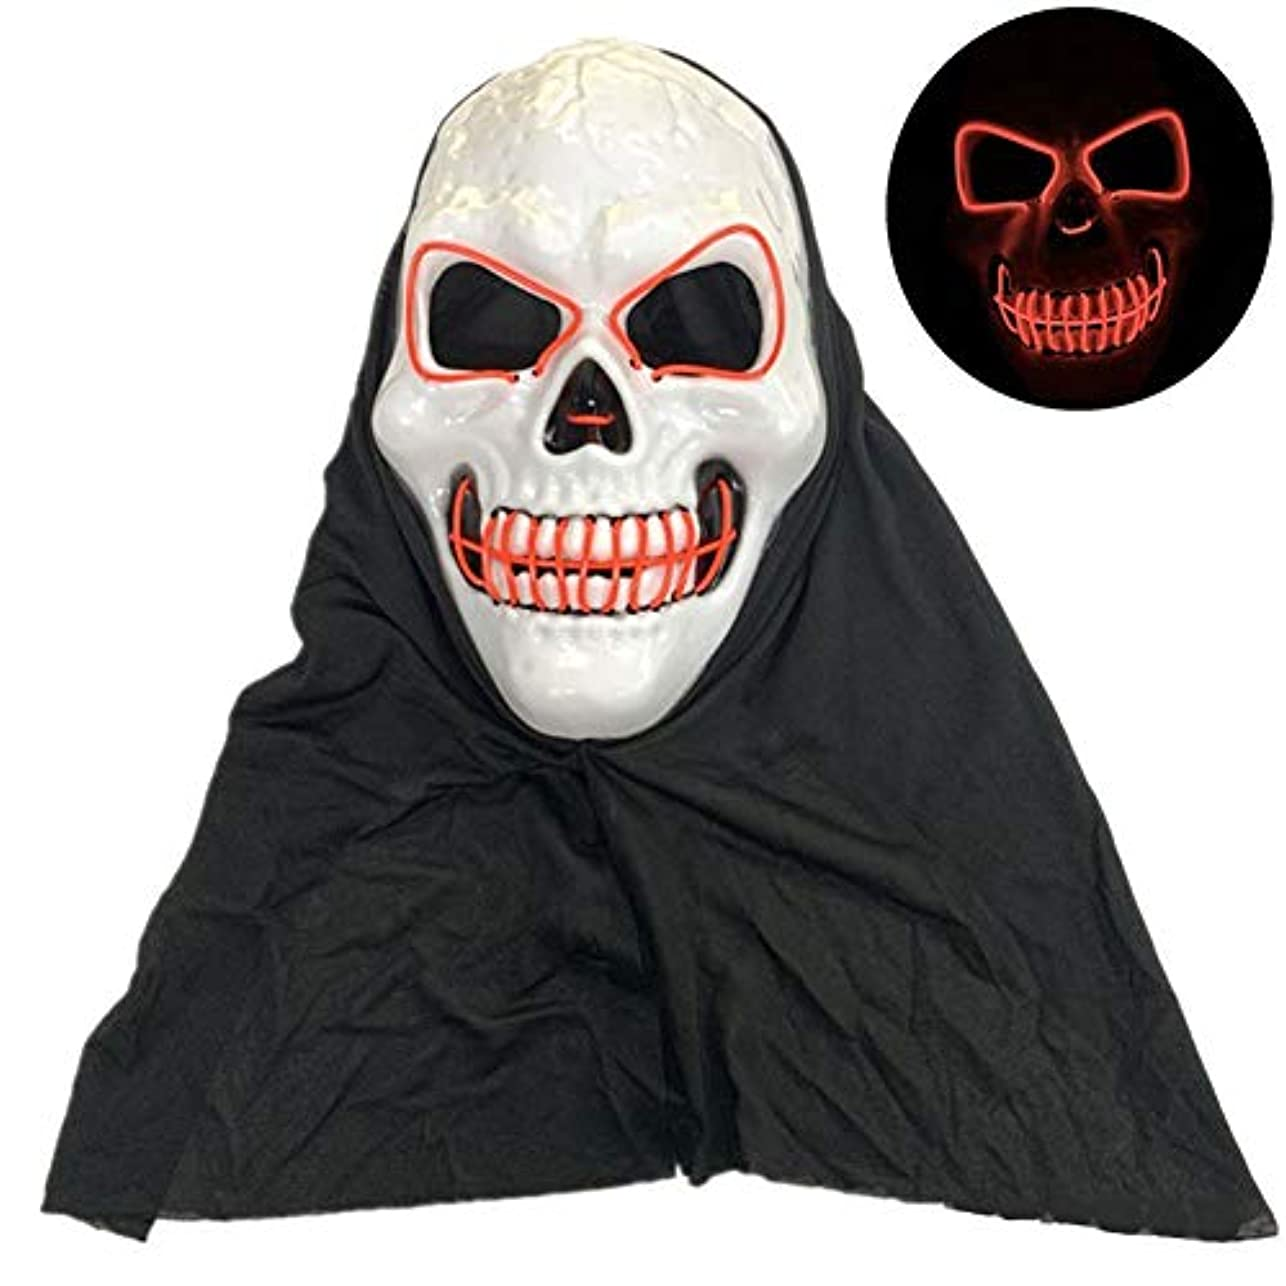 占めるねばねば神学校ハロウィーンマスク、しかめっ面、テーマパーティー、カーニバル、ハロウィーン、レイブパーティー、仮面舞踏会などに適しています。